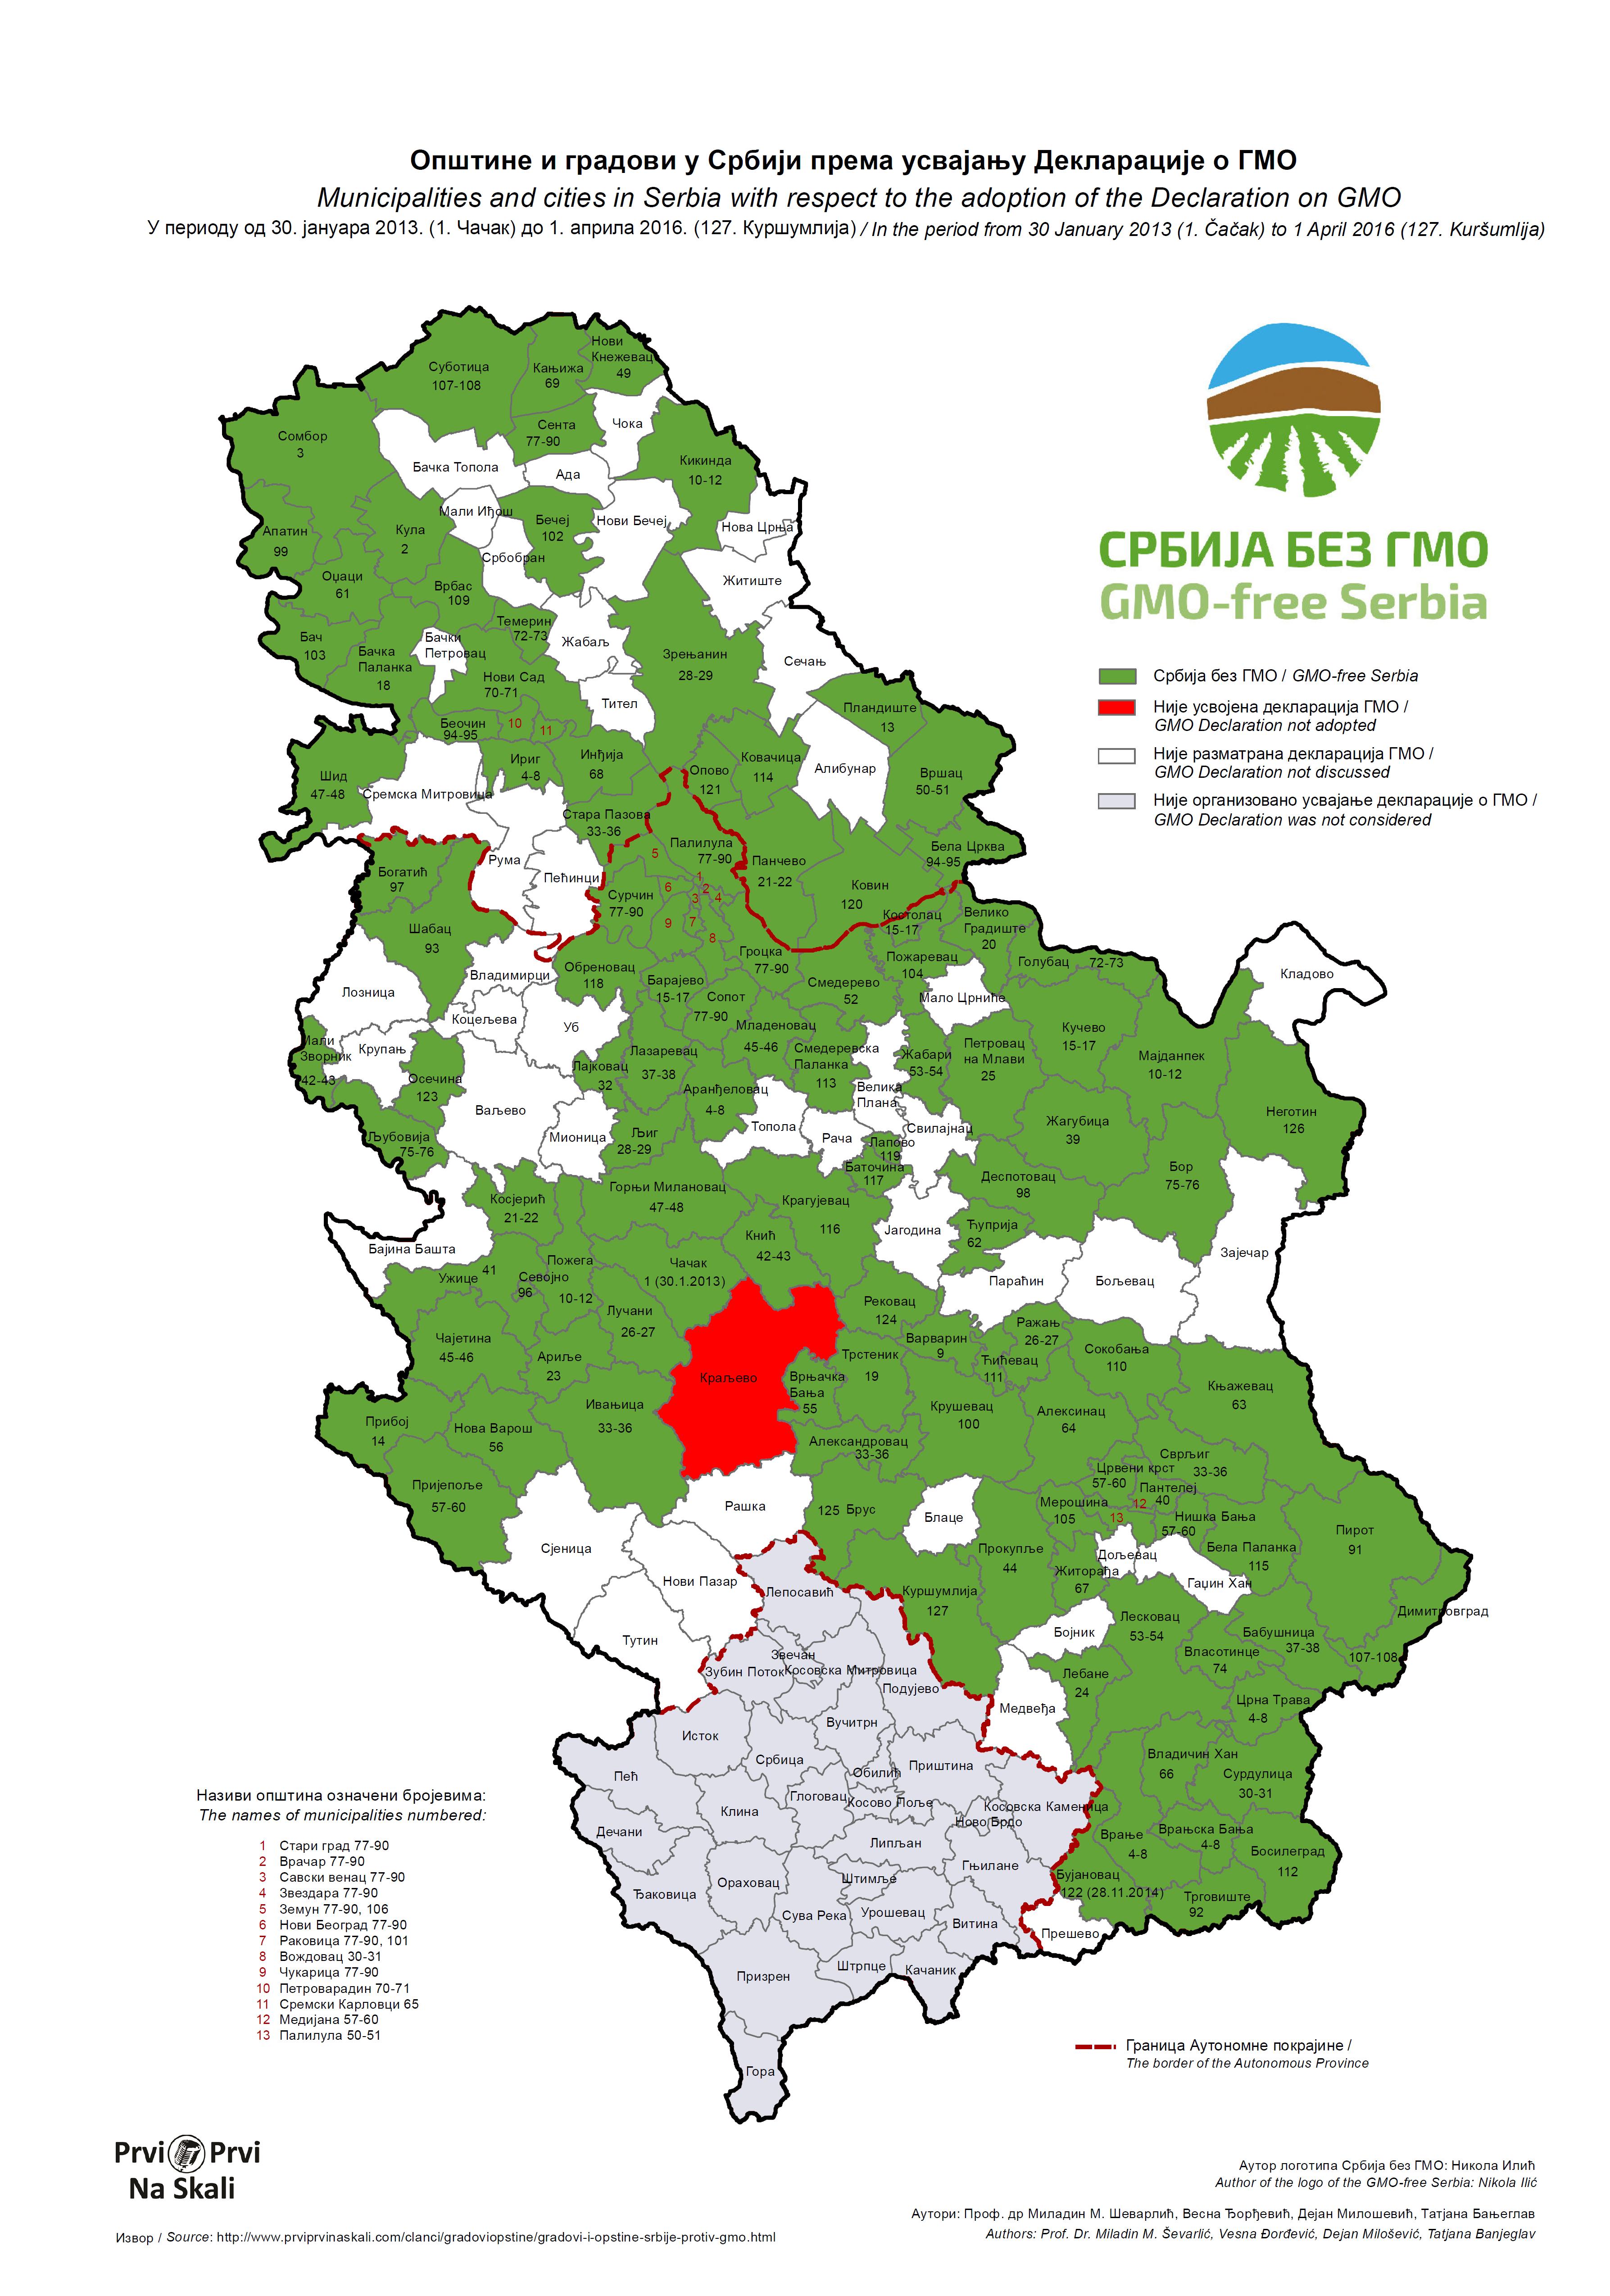 Karta 127 Opstina I Gradova Koje Su Usvojile Deklaraciju O Gmo